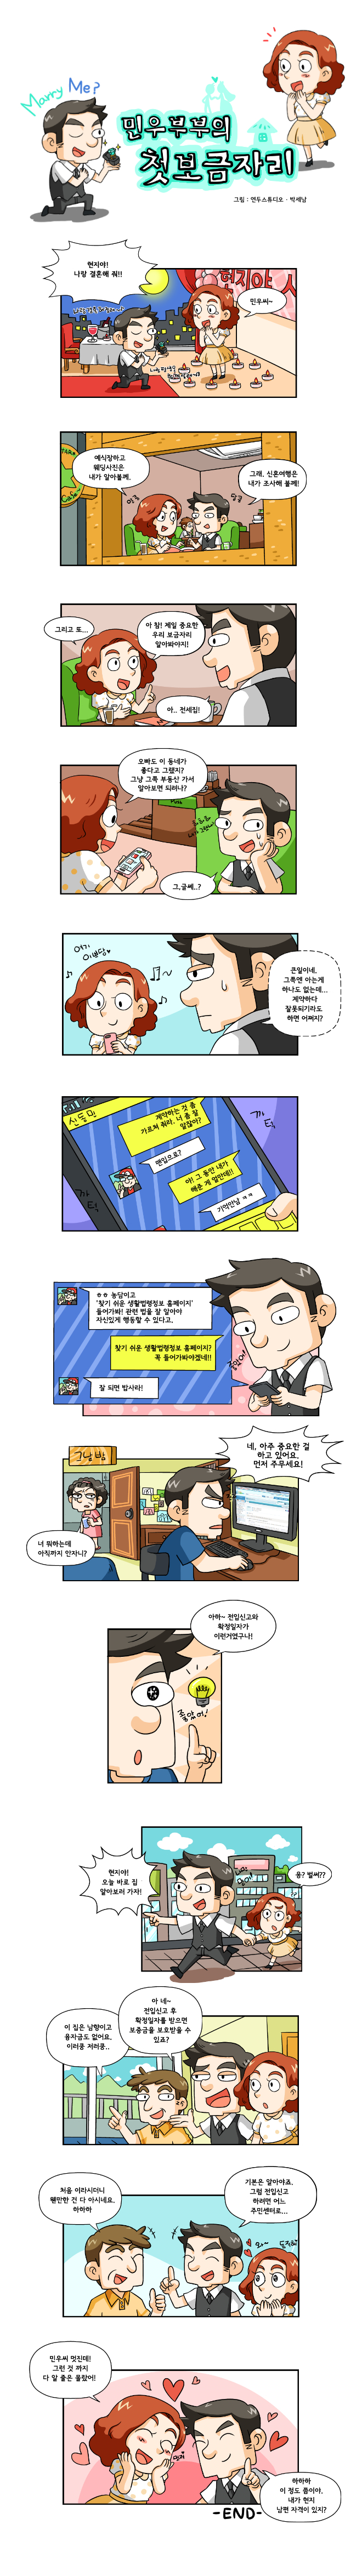 <제3화> 민우부부의 첫보금자리